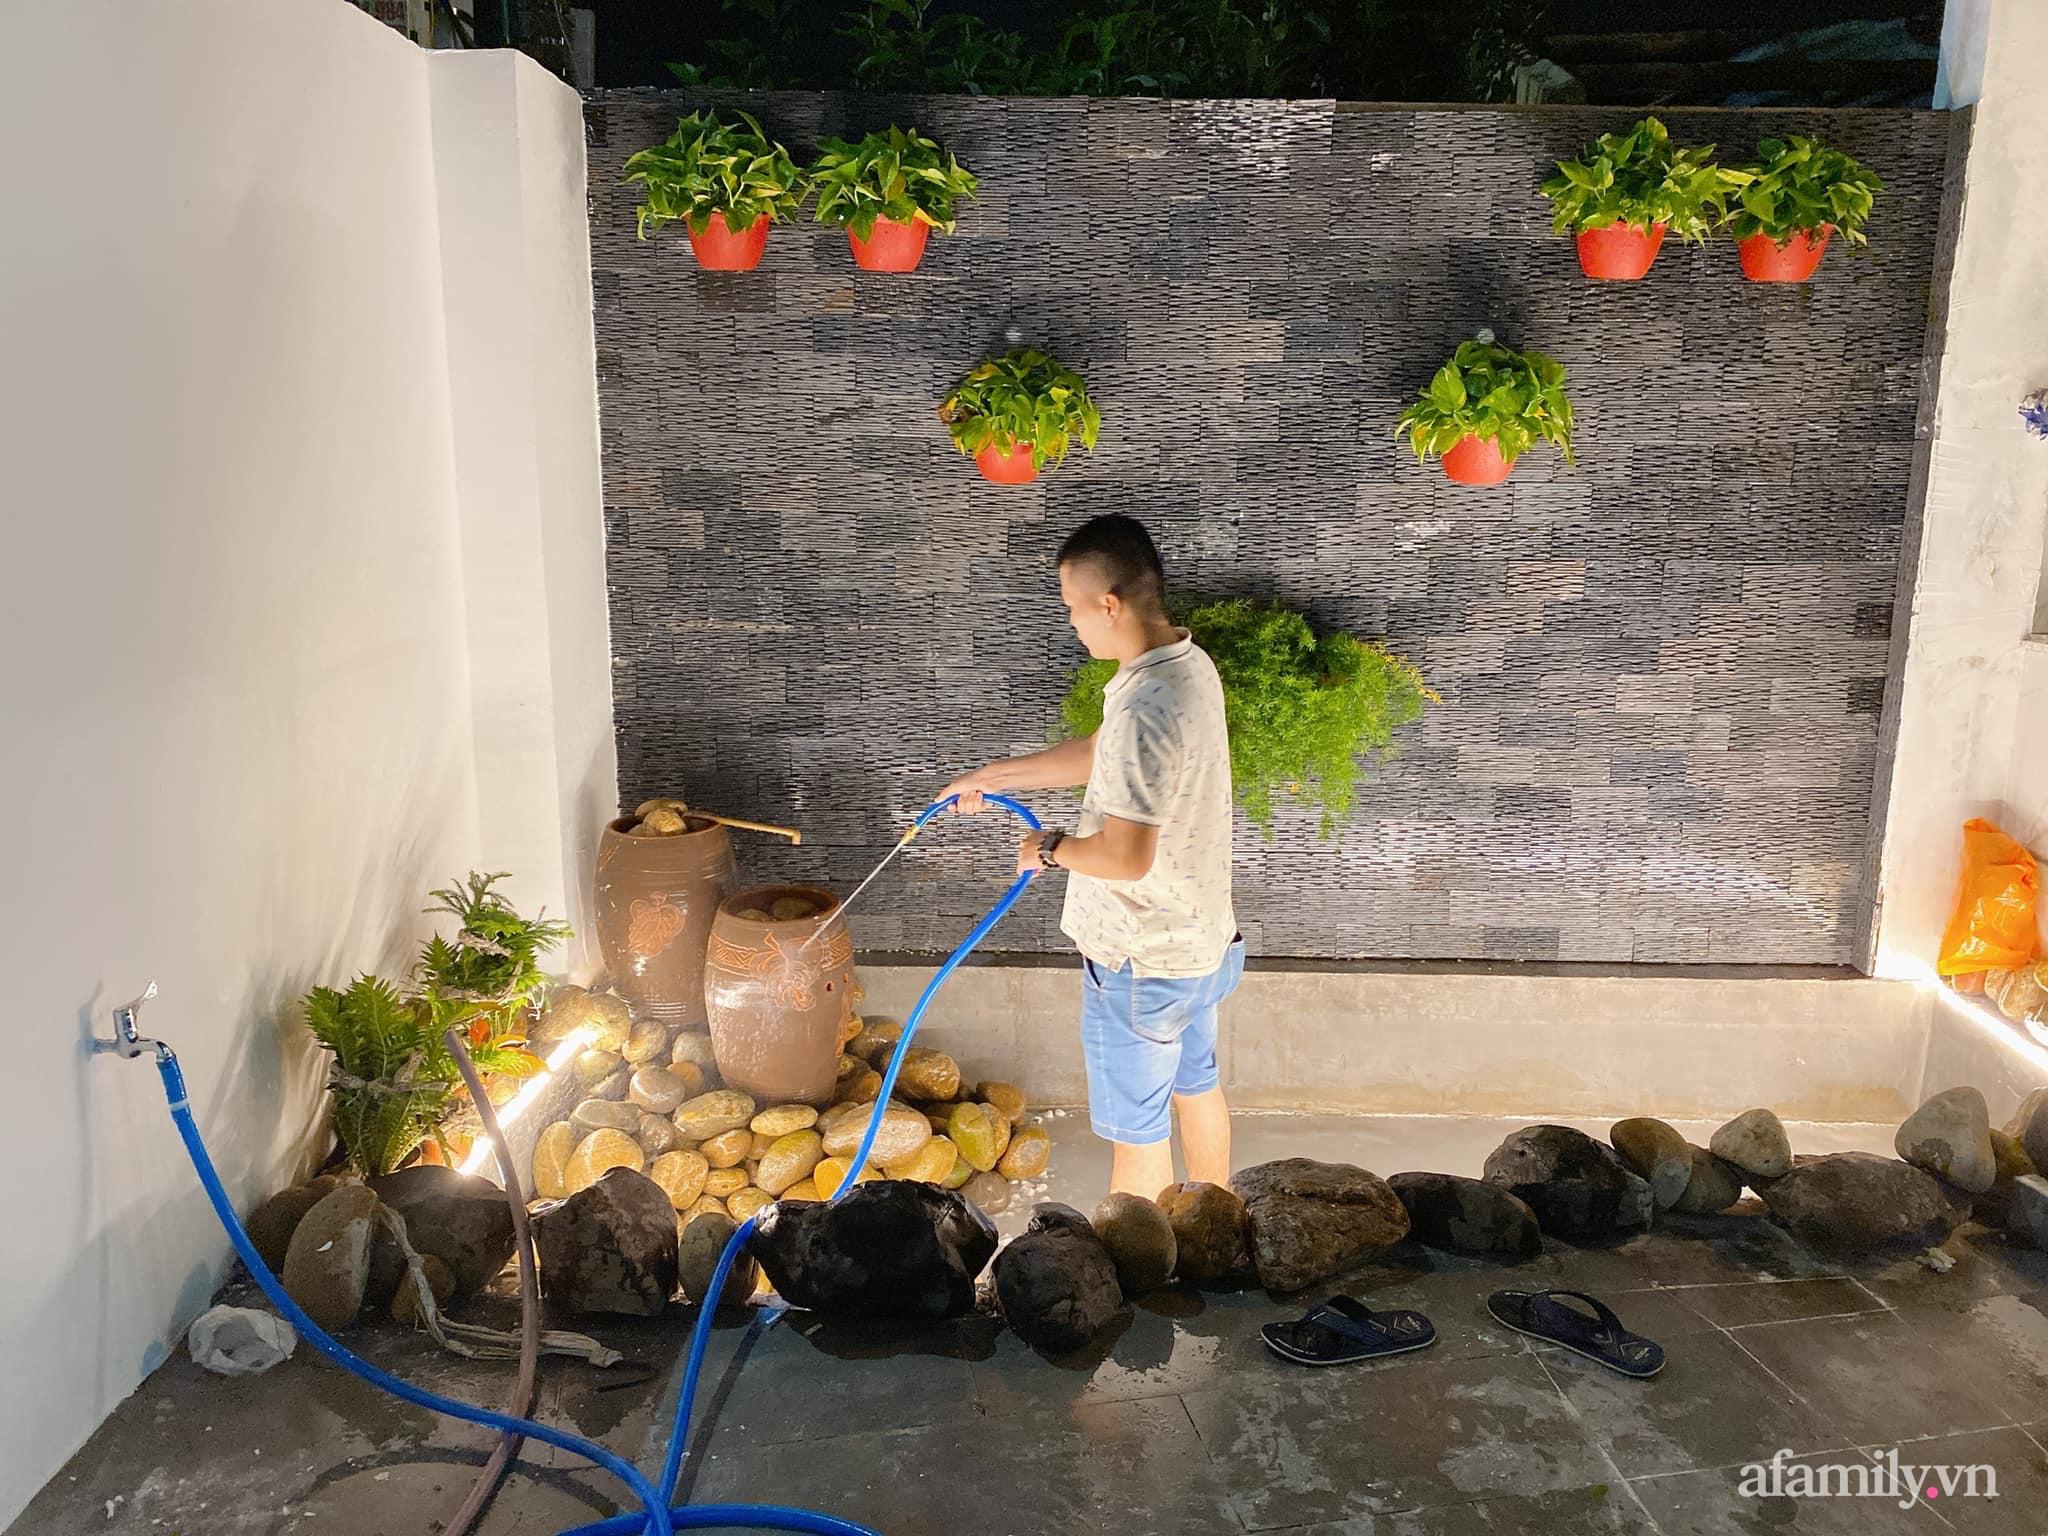 Nhà cấp 4 đầy đủ chức năng hiện đại, tiện ích với tổng chi phí hơn 1 tỷ của gia đình trẻ ở Quảng Ngãi - Ảnh 6.